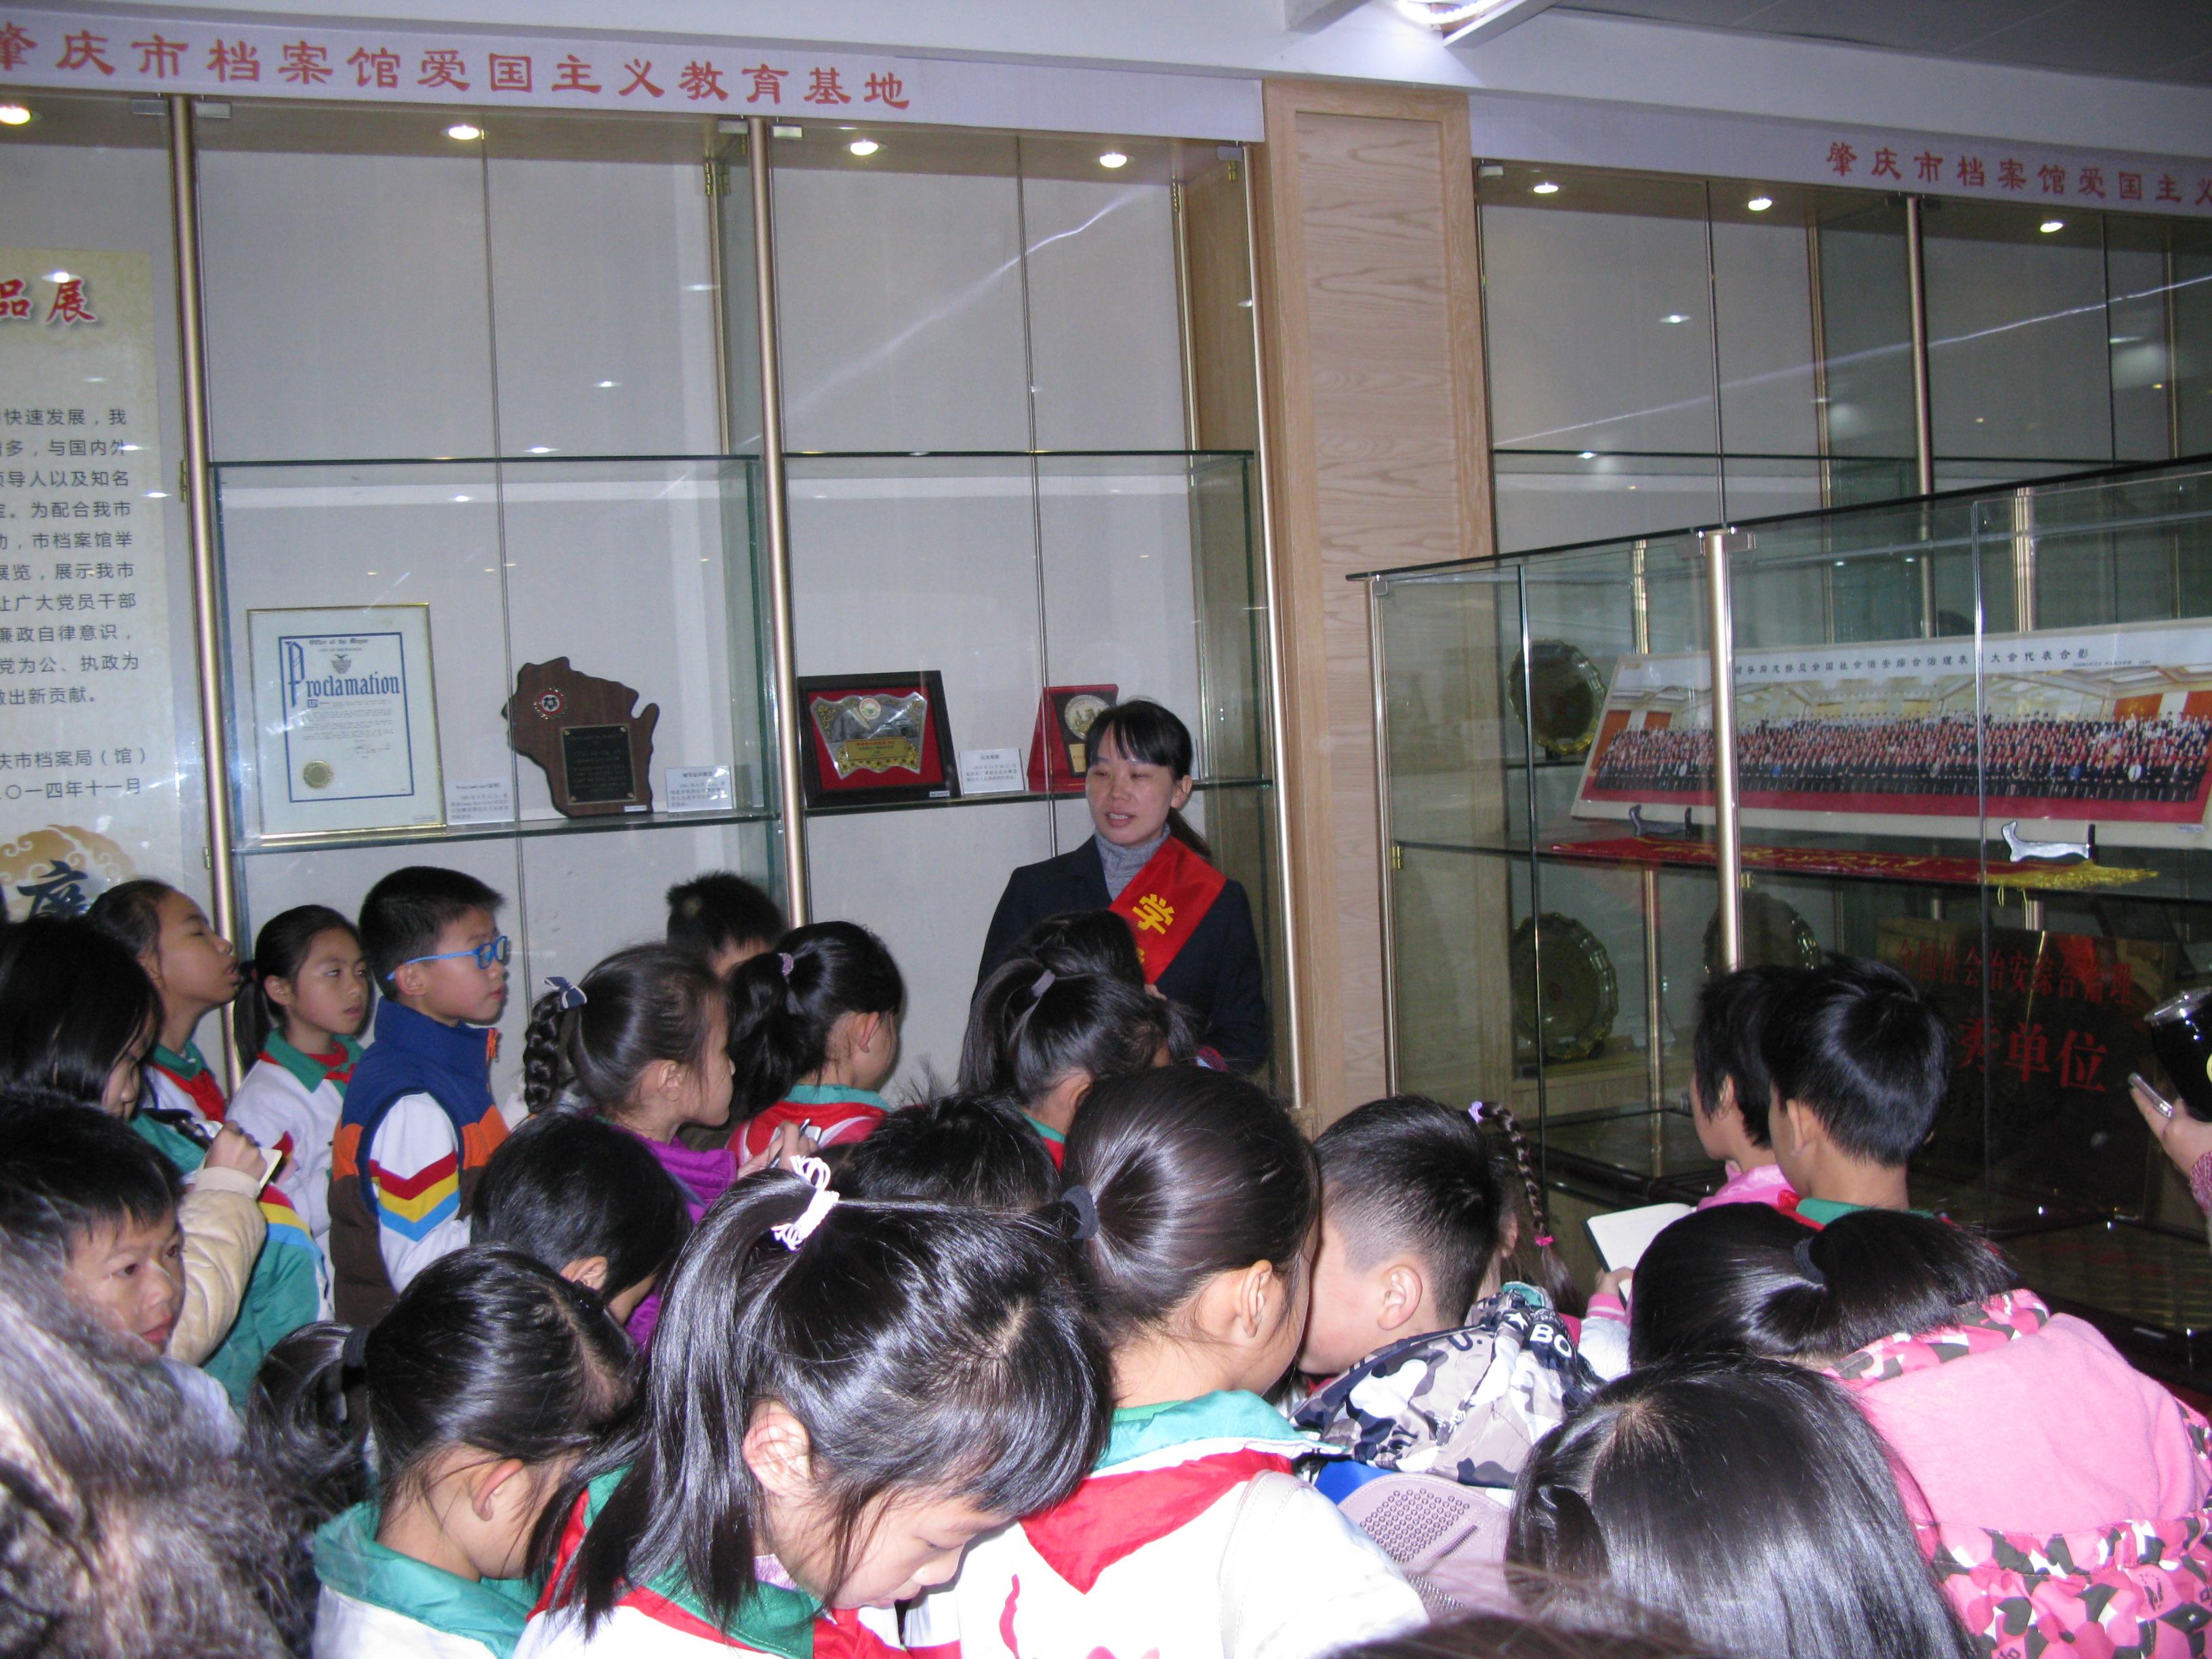 肇庆市档案局开展未成年人思想道德教育活动